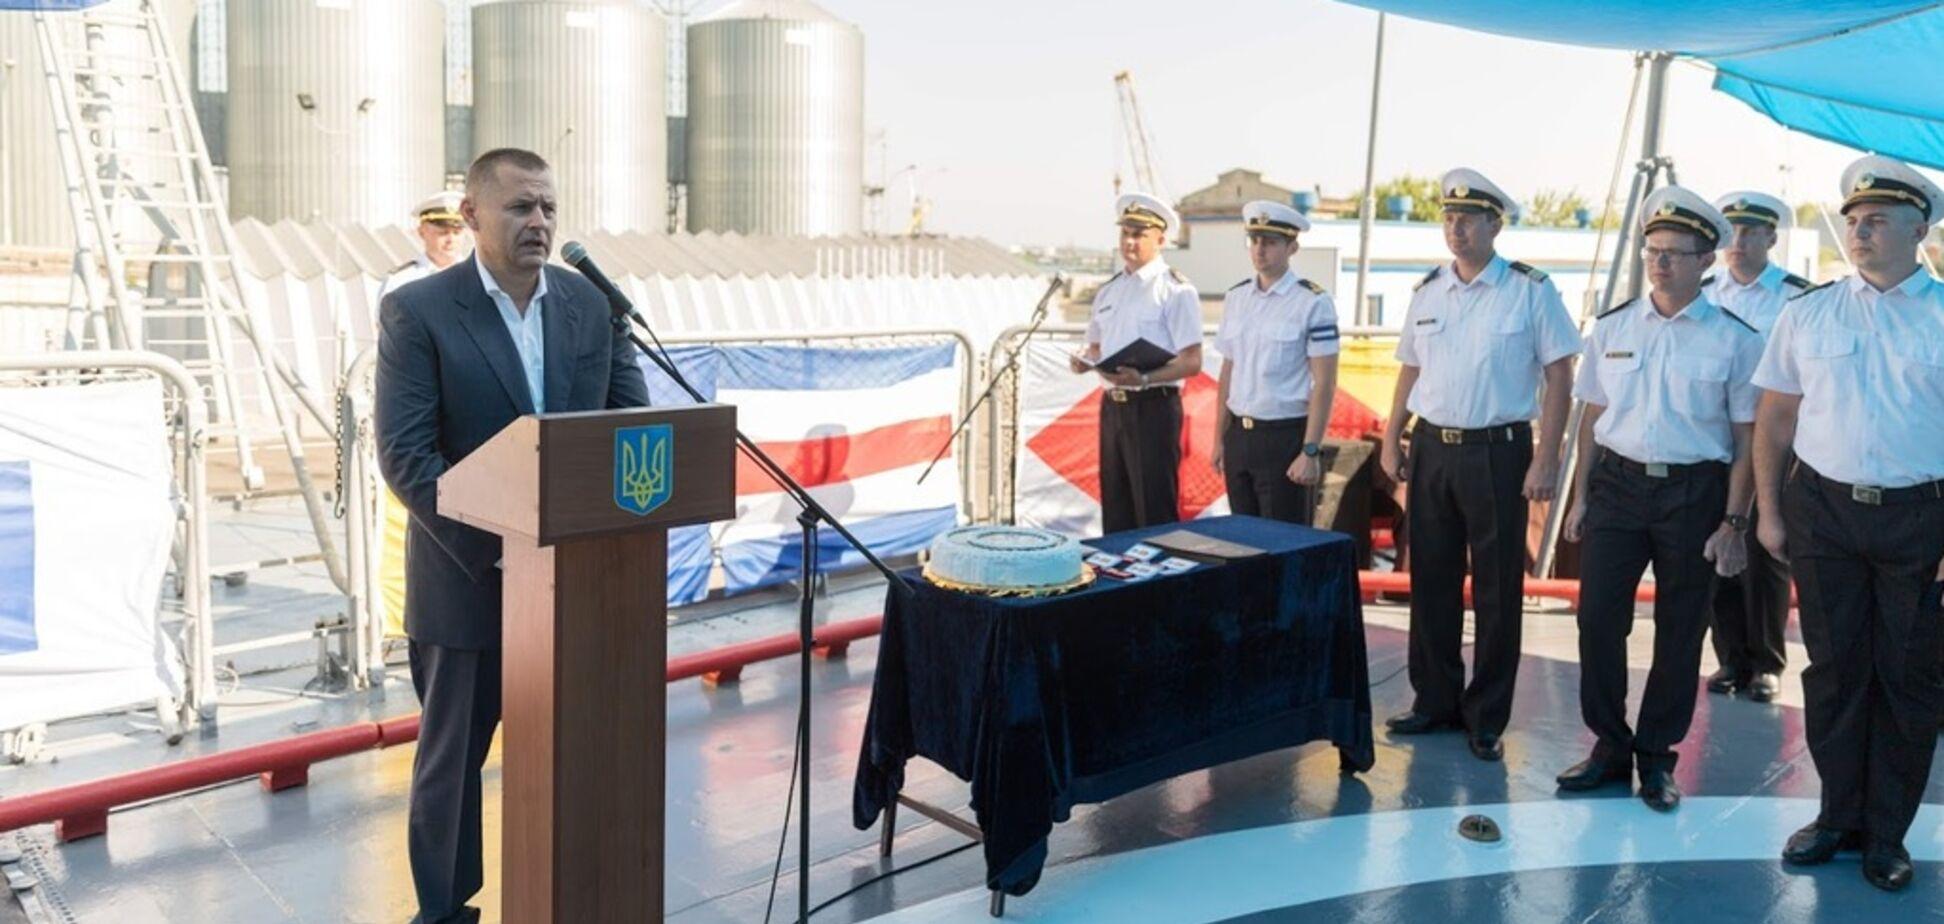 Філатов відсвяткував 26-у річницю підняття прапора ВМСУ на 'Гетьмані Сагайдачному'